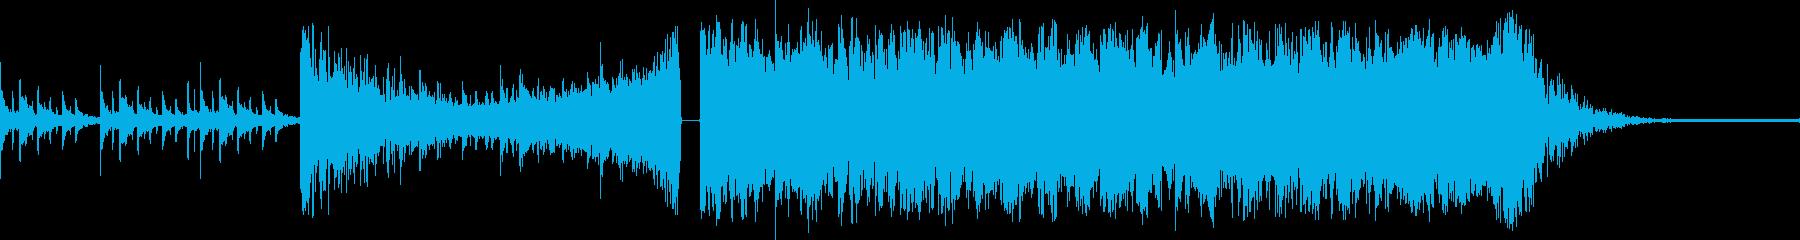 緊迫感のある太鼓とストリングスの再生済みの波形